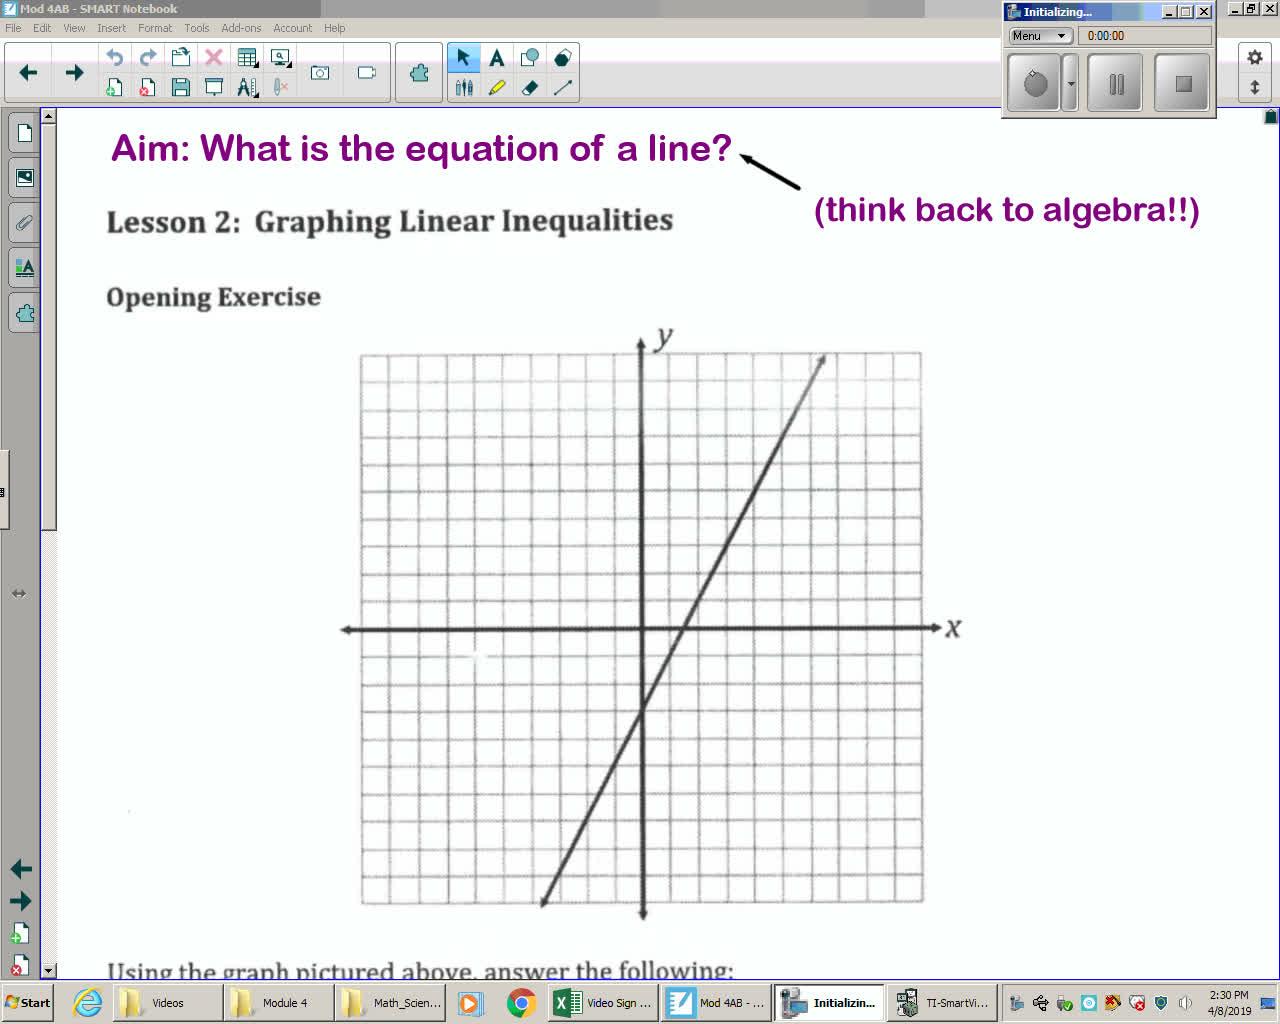 Mod 2AB Lesson 2